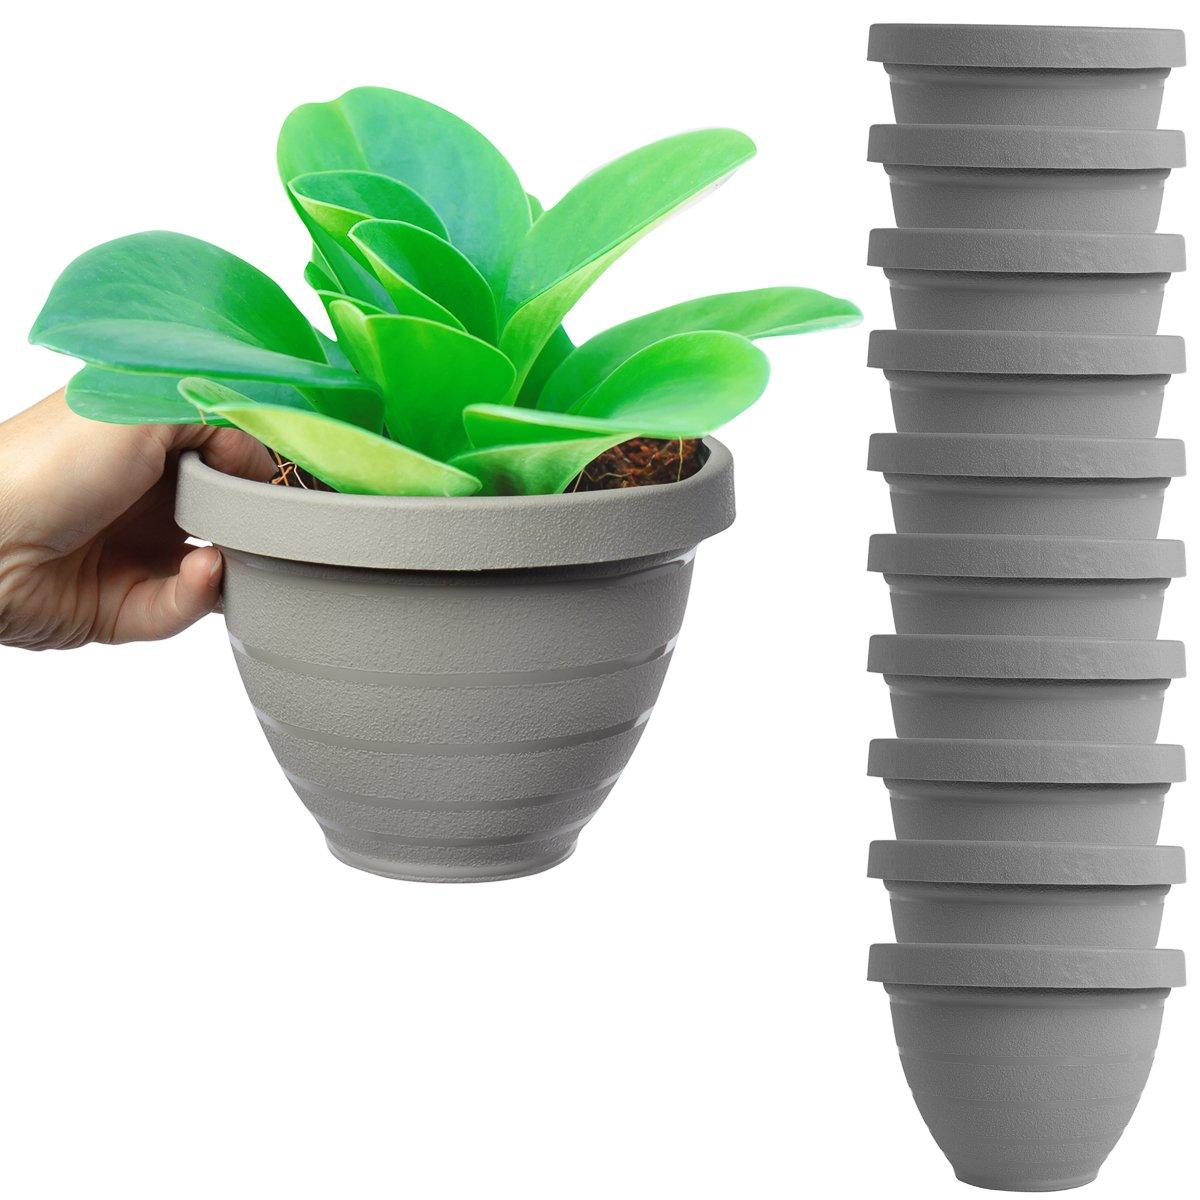 HC Companies - Macetas de riego automático para plantas de interior, jardín, casa de jardín, plantas vivas, 15 cm: Amazon.es: Jardín